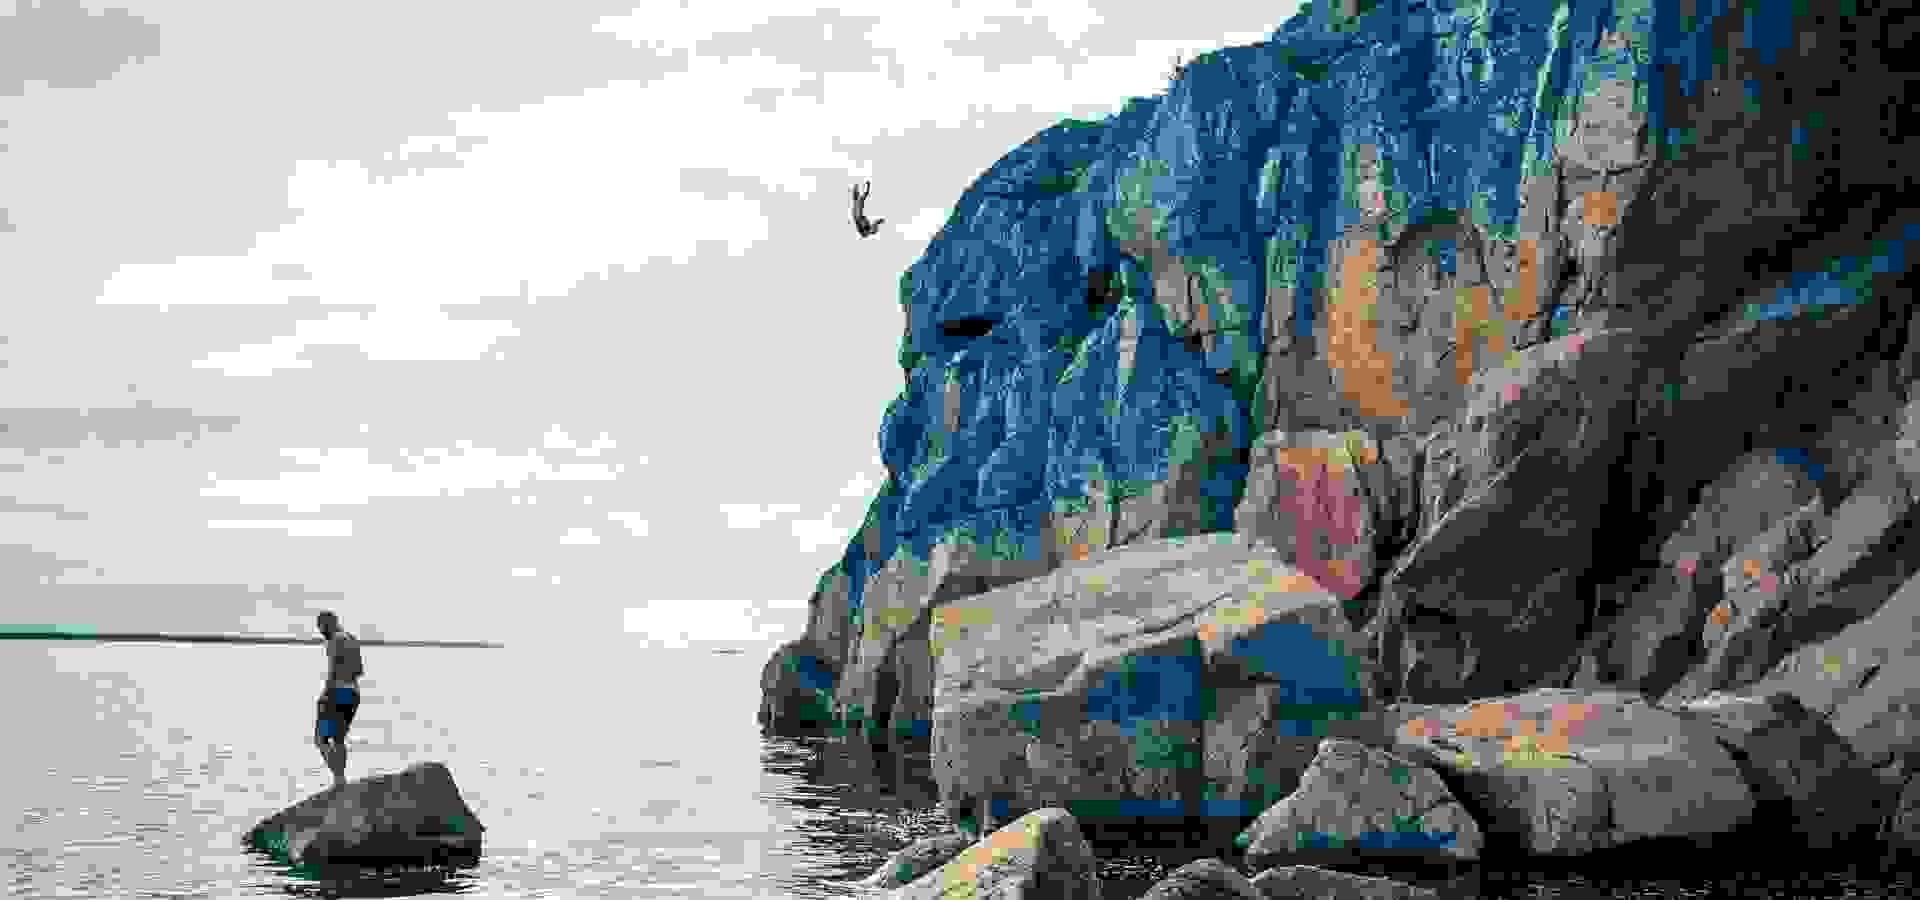 island, archipelago, skärgård, Andy Anderson, haven, kalix, 1920 x 960, hero